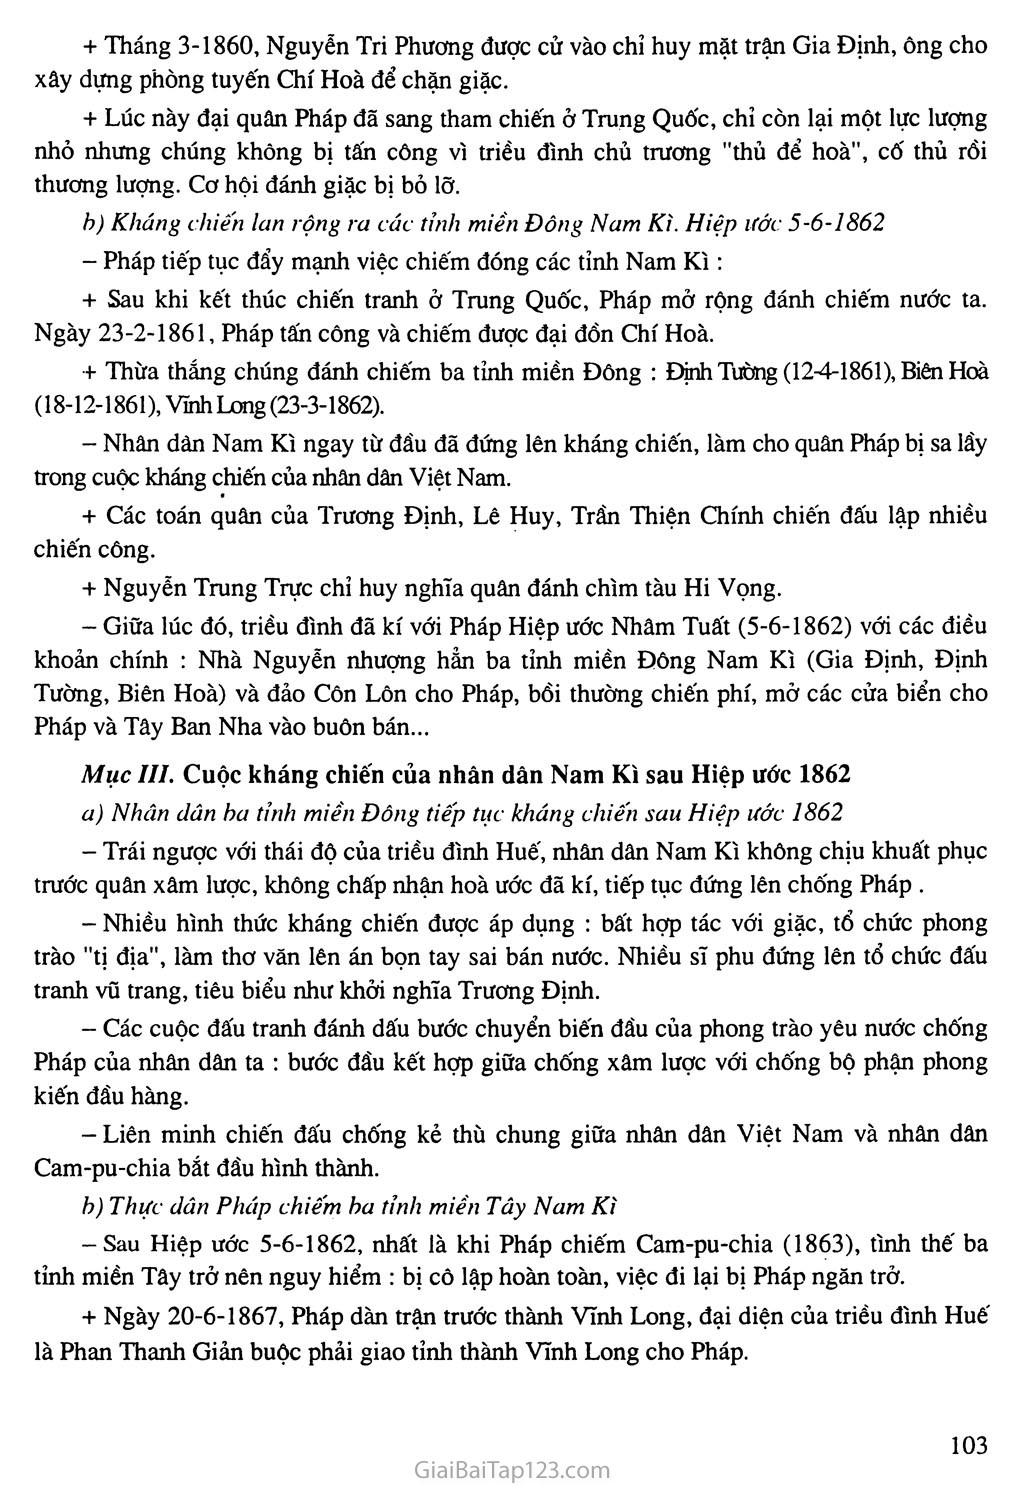 Bài 19: Nhân dân Việt Nam kháng chiến chống thực dân Pháp xâm lược (từ năm 1858 đến trước năm 1873) trang 3